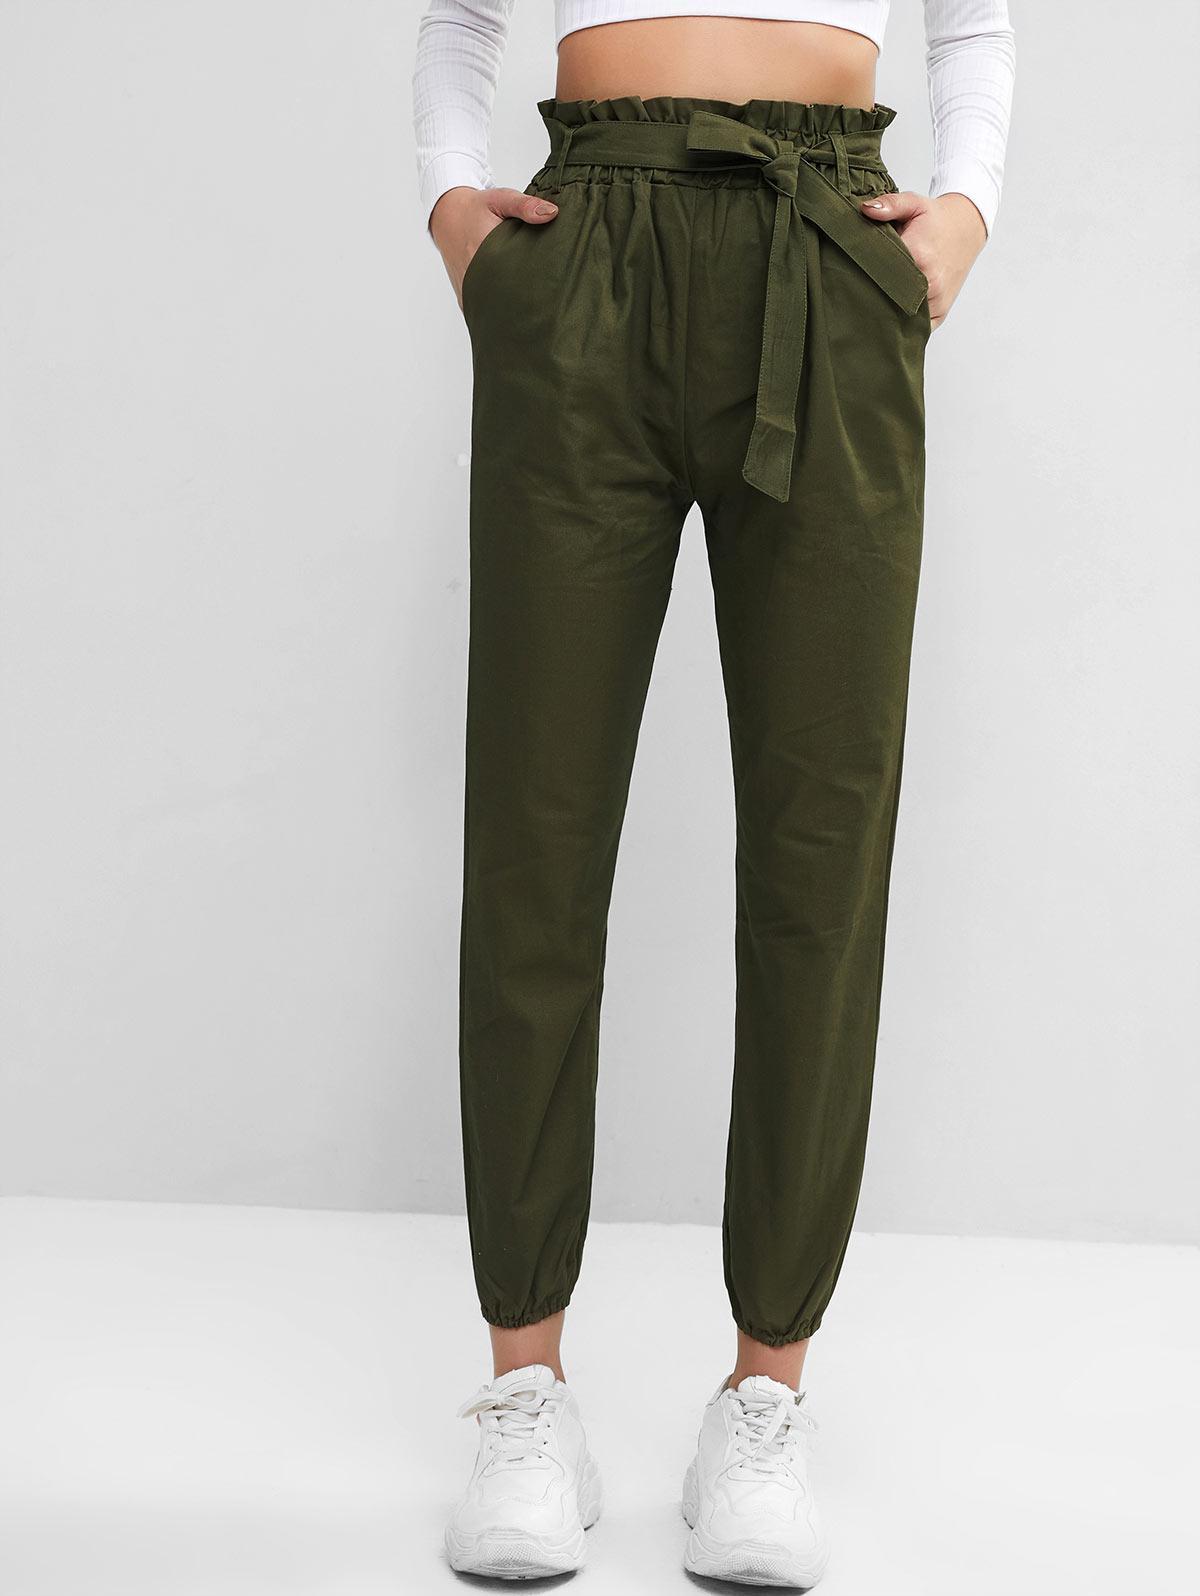 Solid Pockets Belted Paperbag Jogger Pants